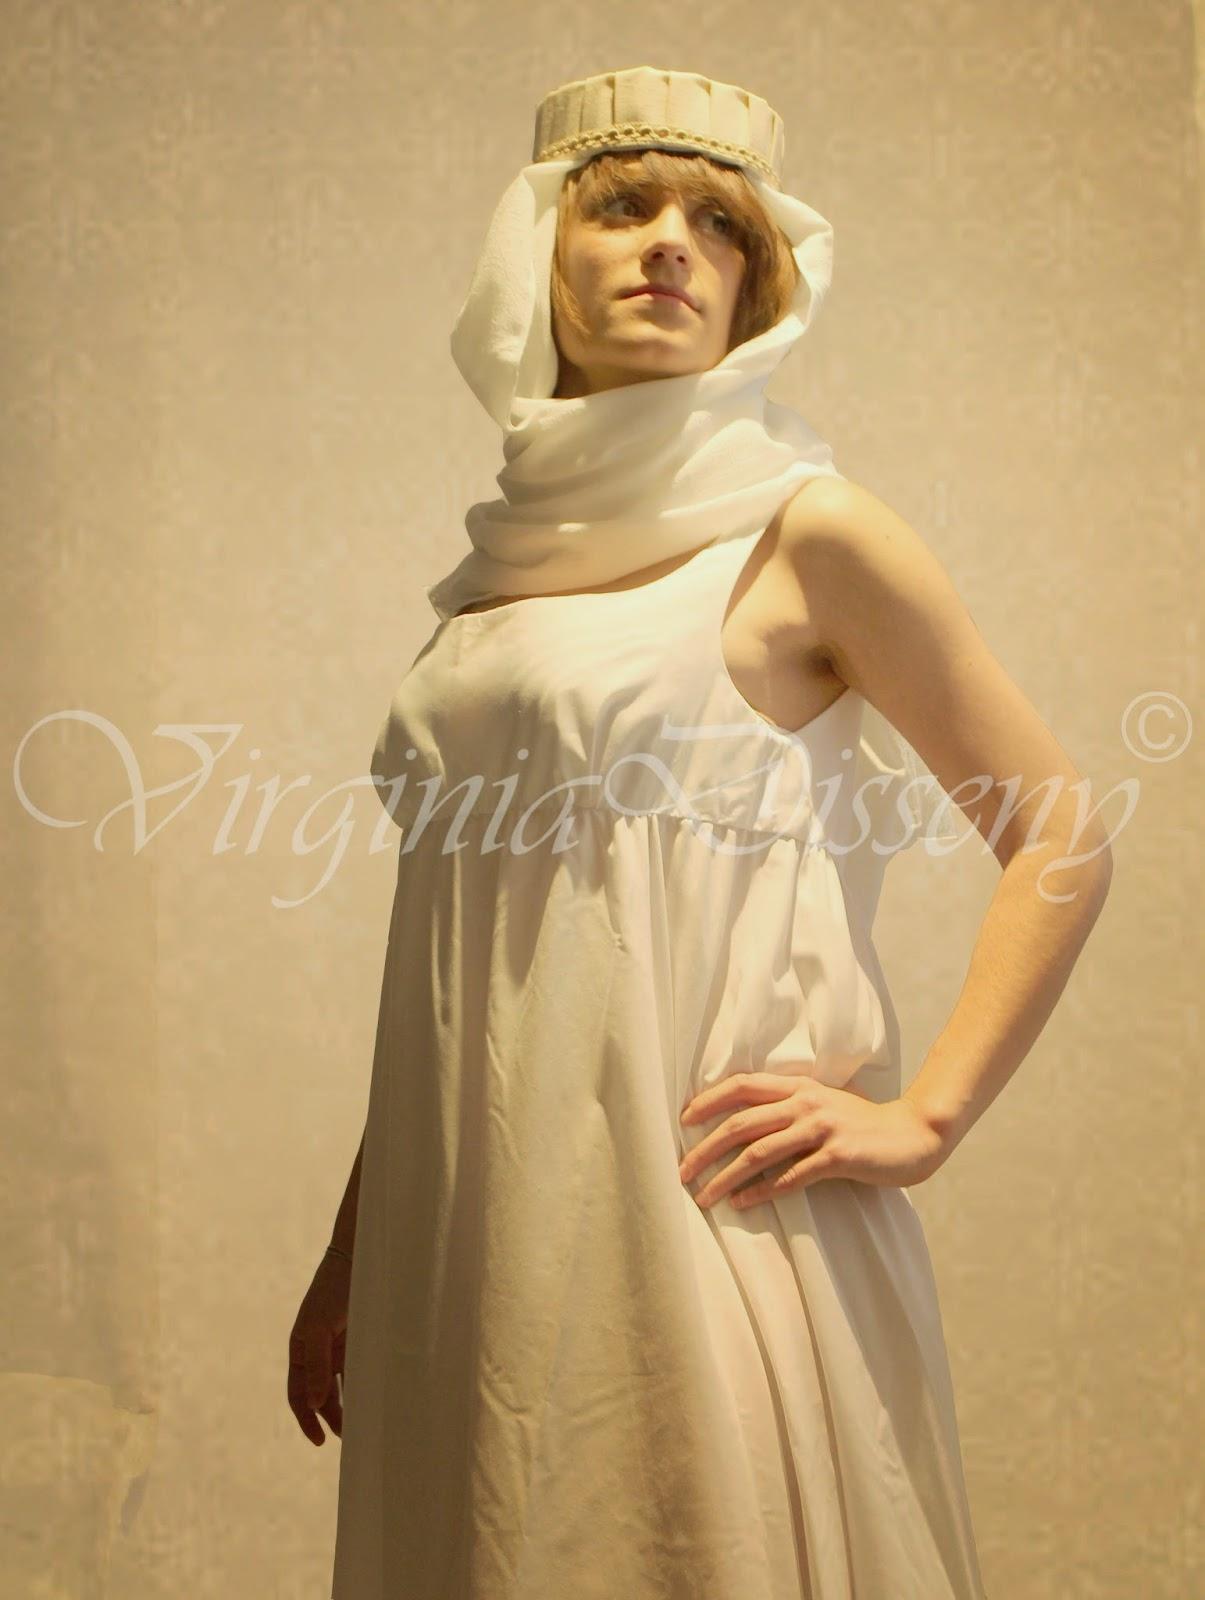 Virginia disseny la lencer a medieval y renacentista for Prendas interiores femeninas